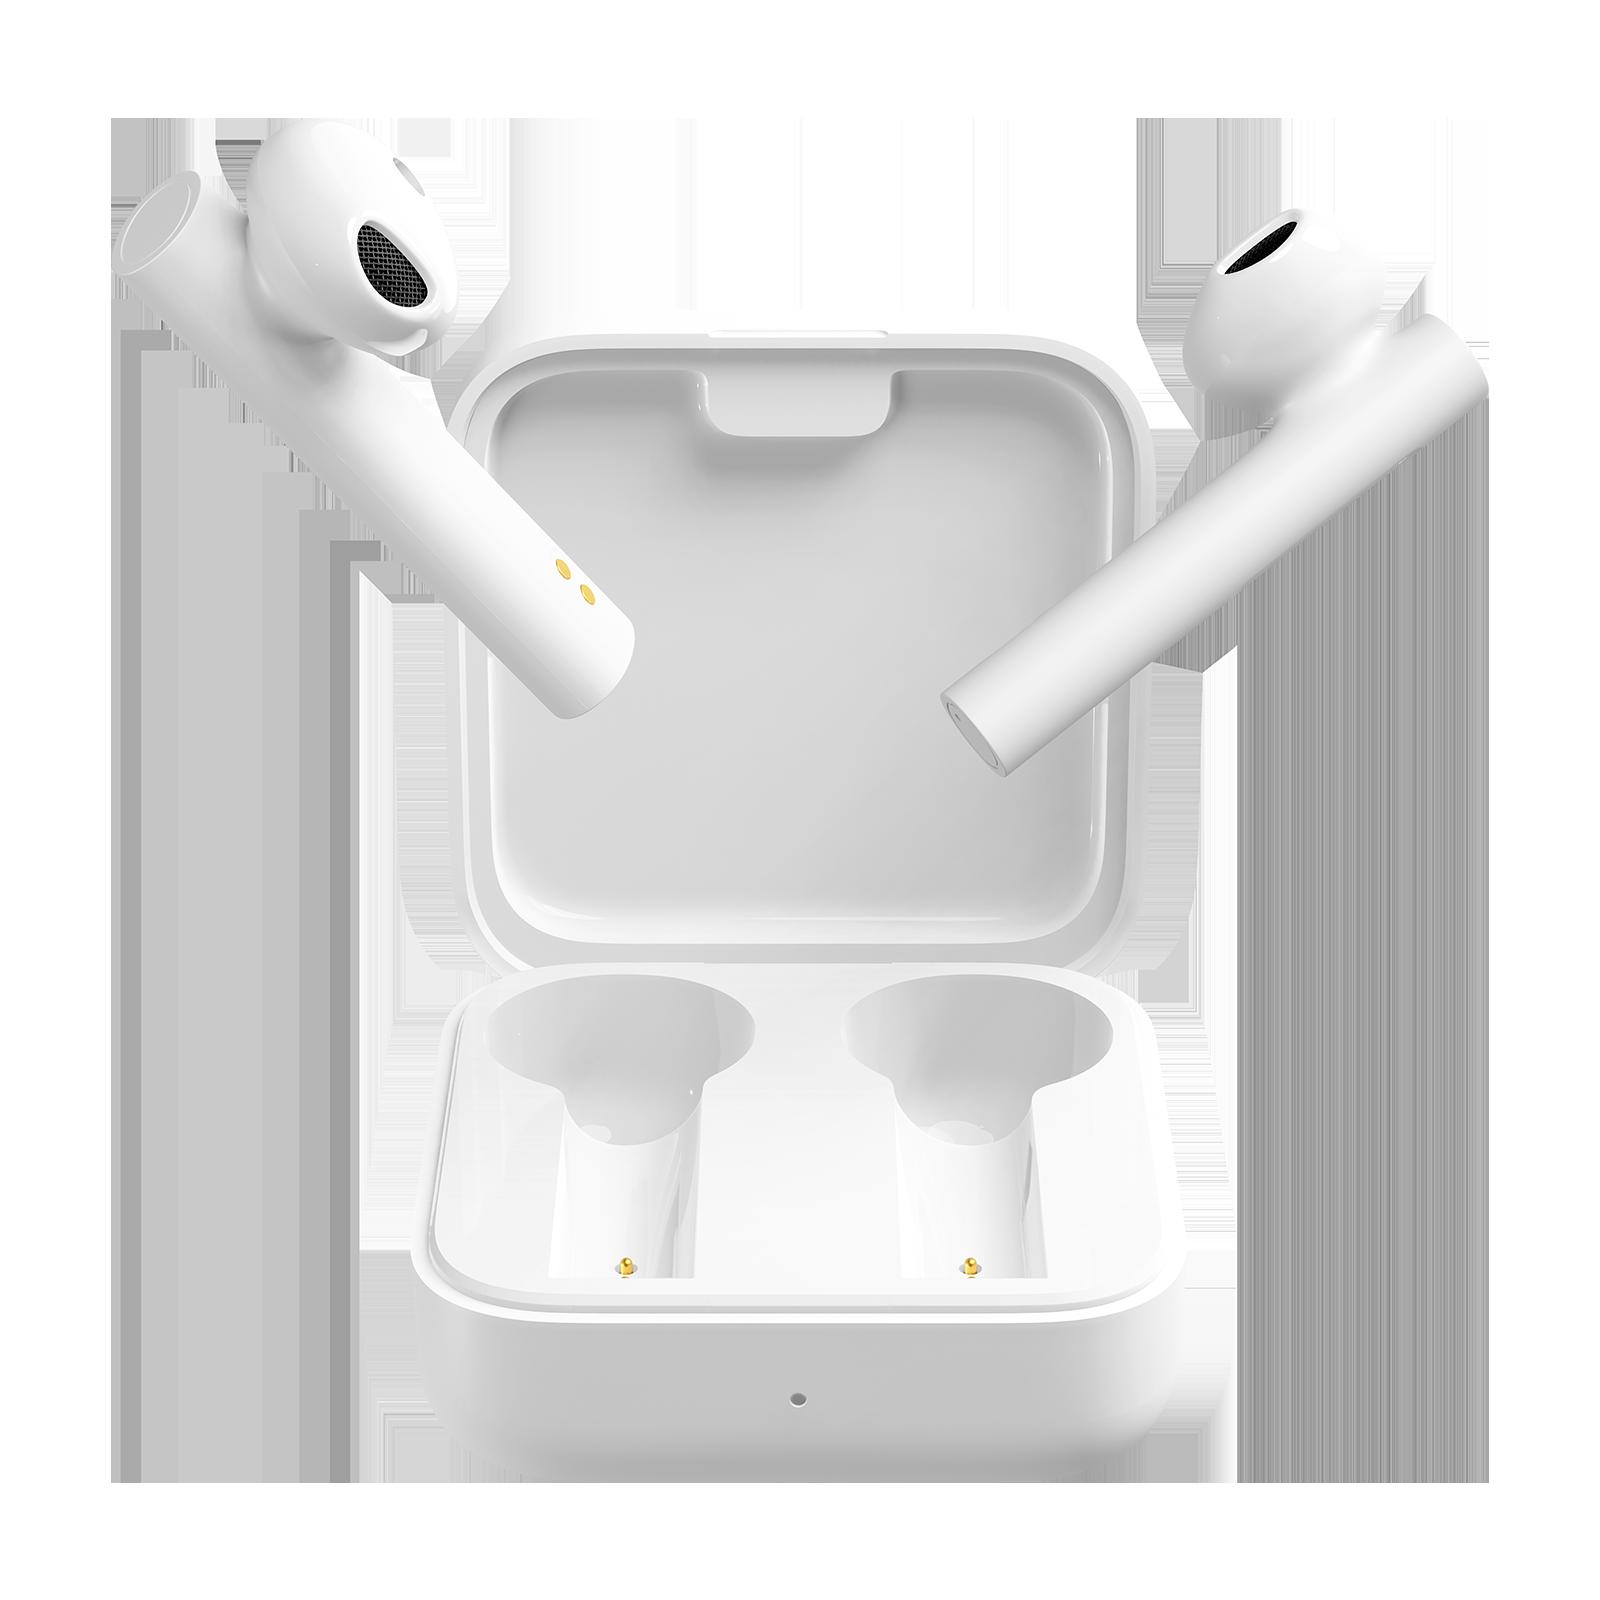 Mi True Wireless Earphones 2 Basic Blanco Standard